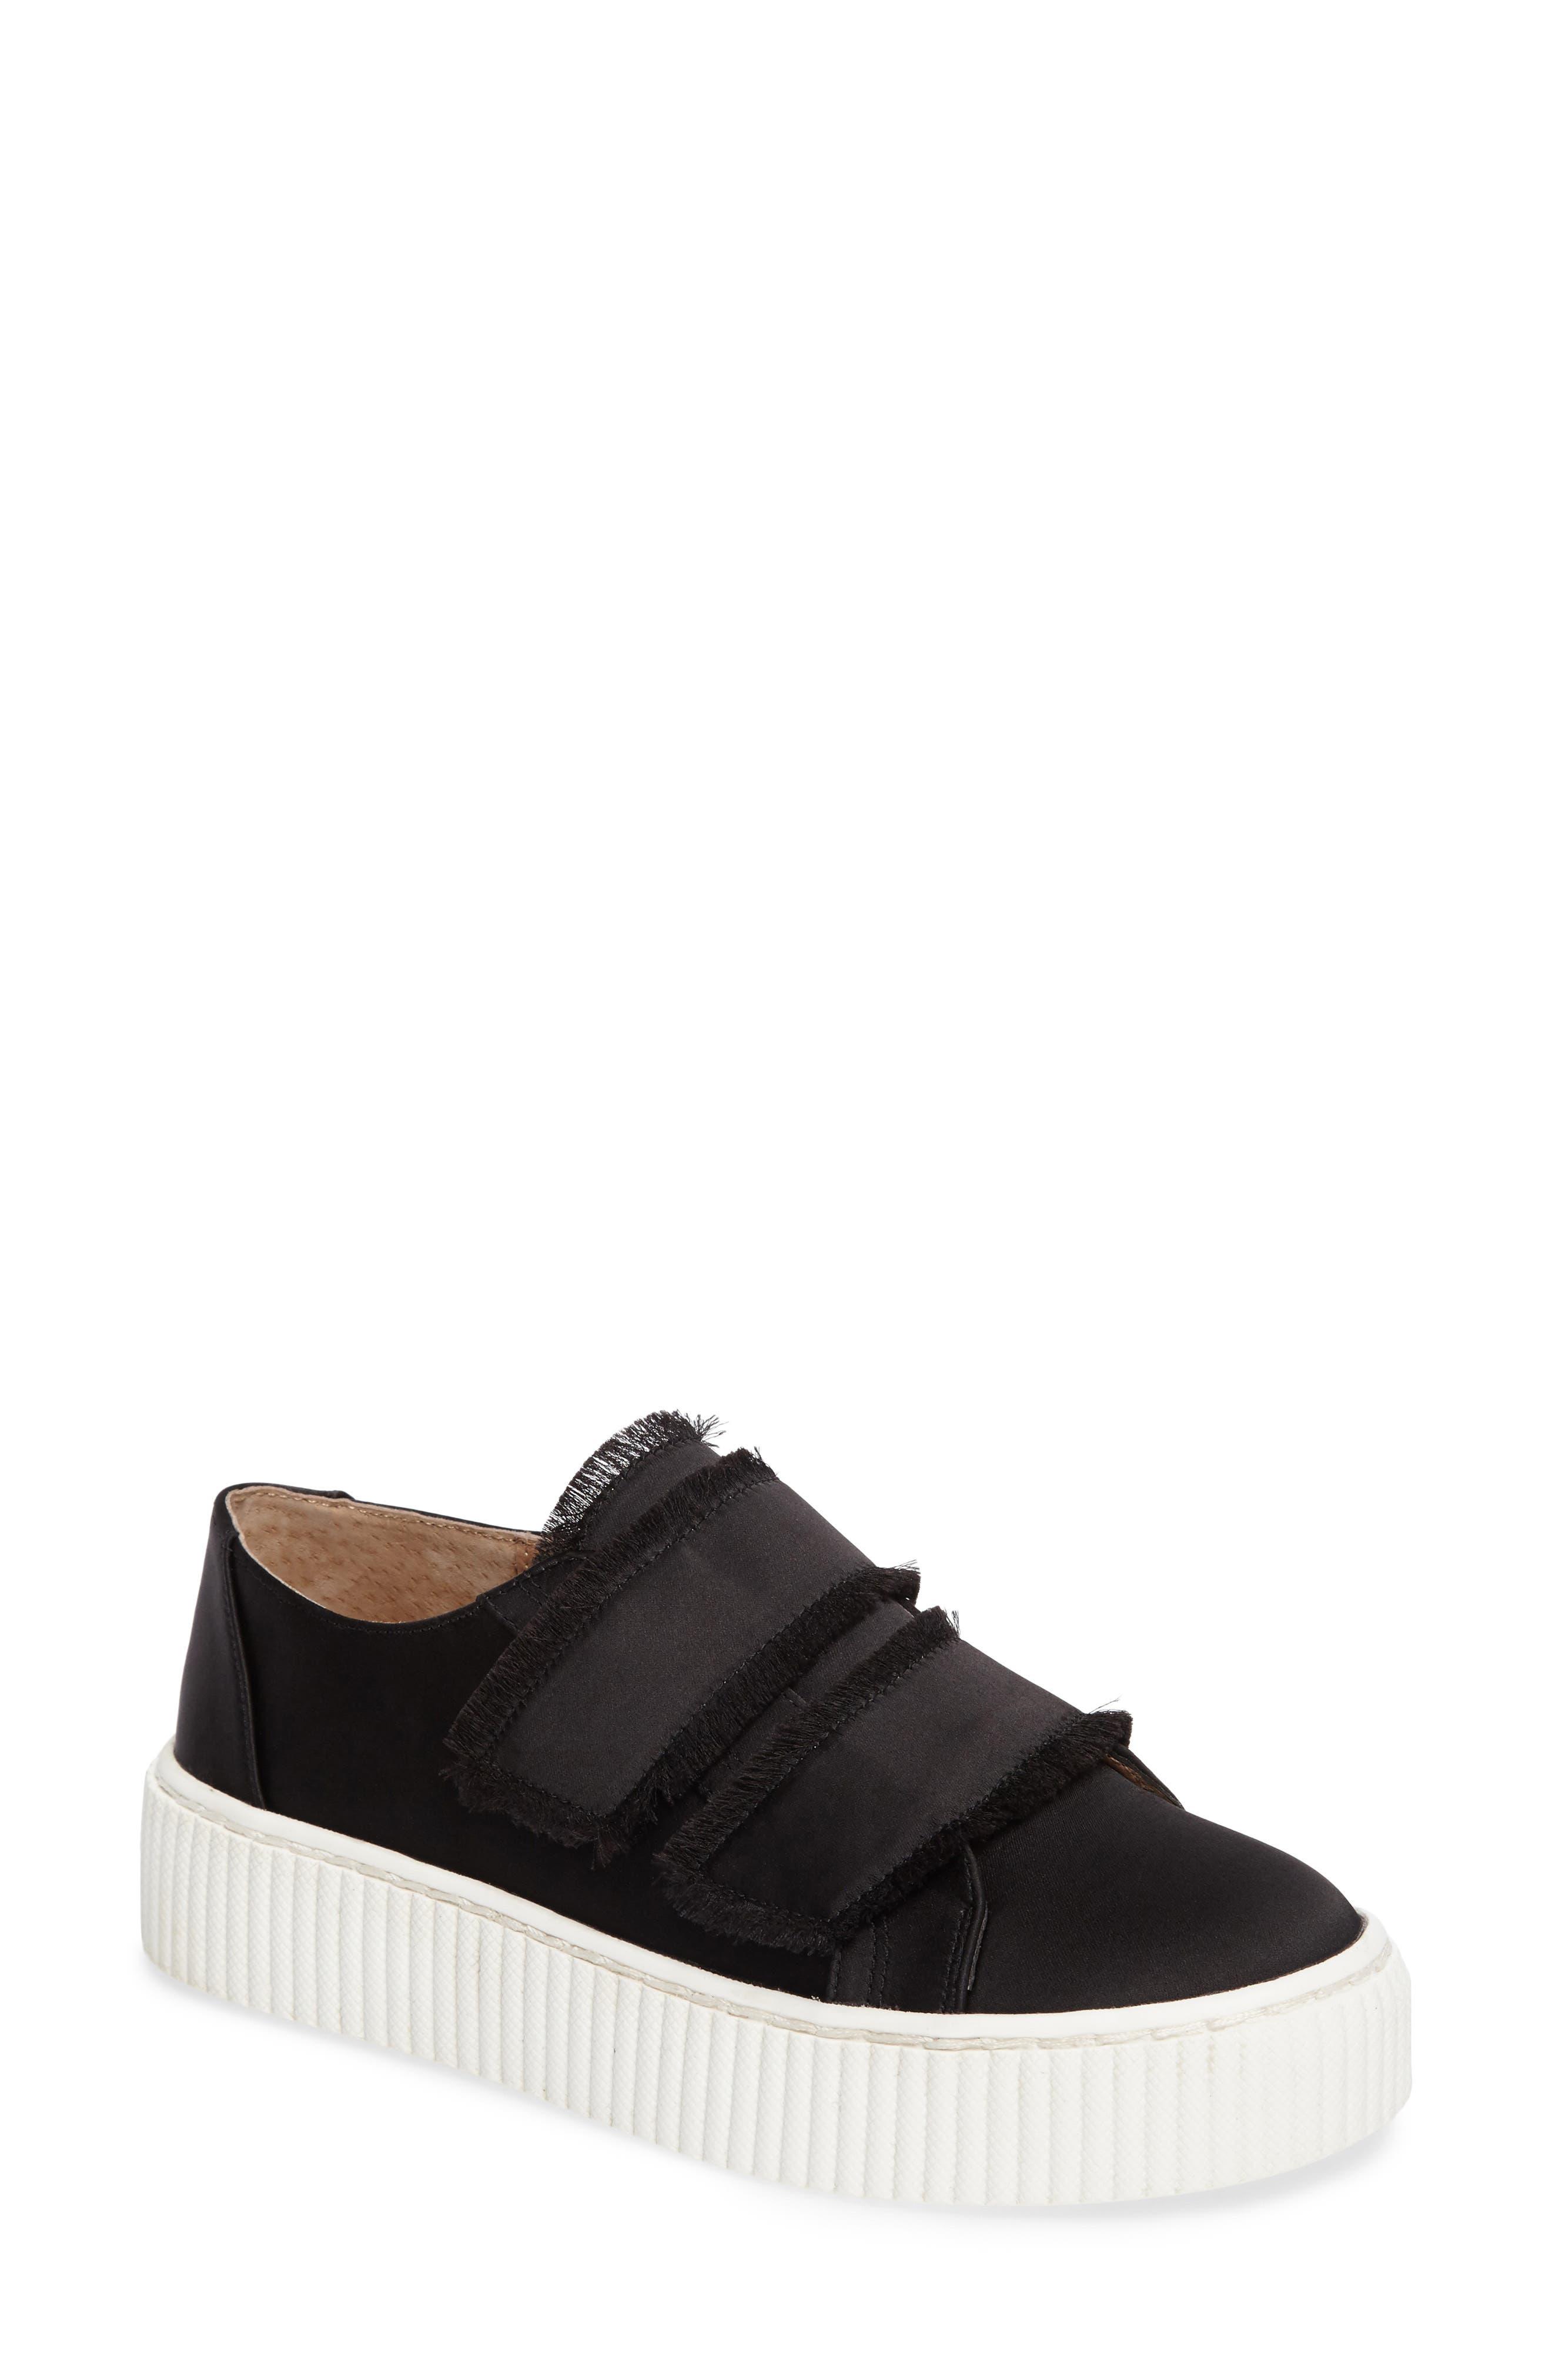 Alternate Image 1 Selected - Shellys London Elder Fringed Platform Sneaker (Women)